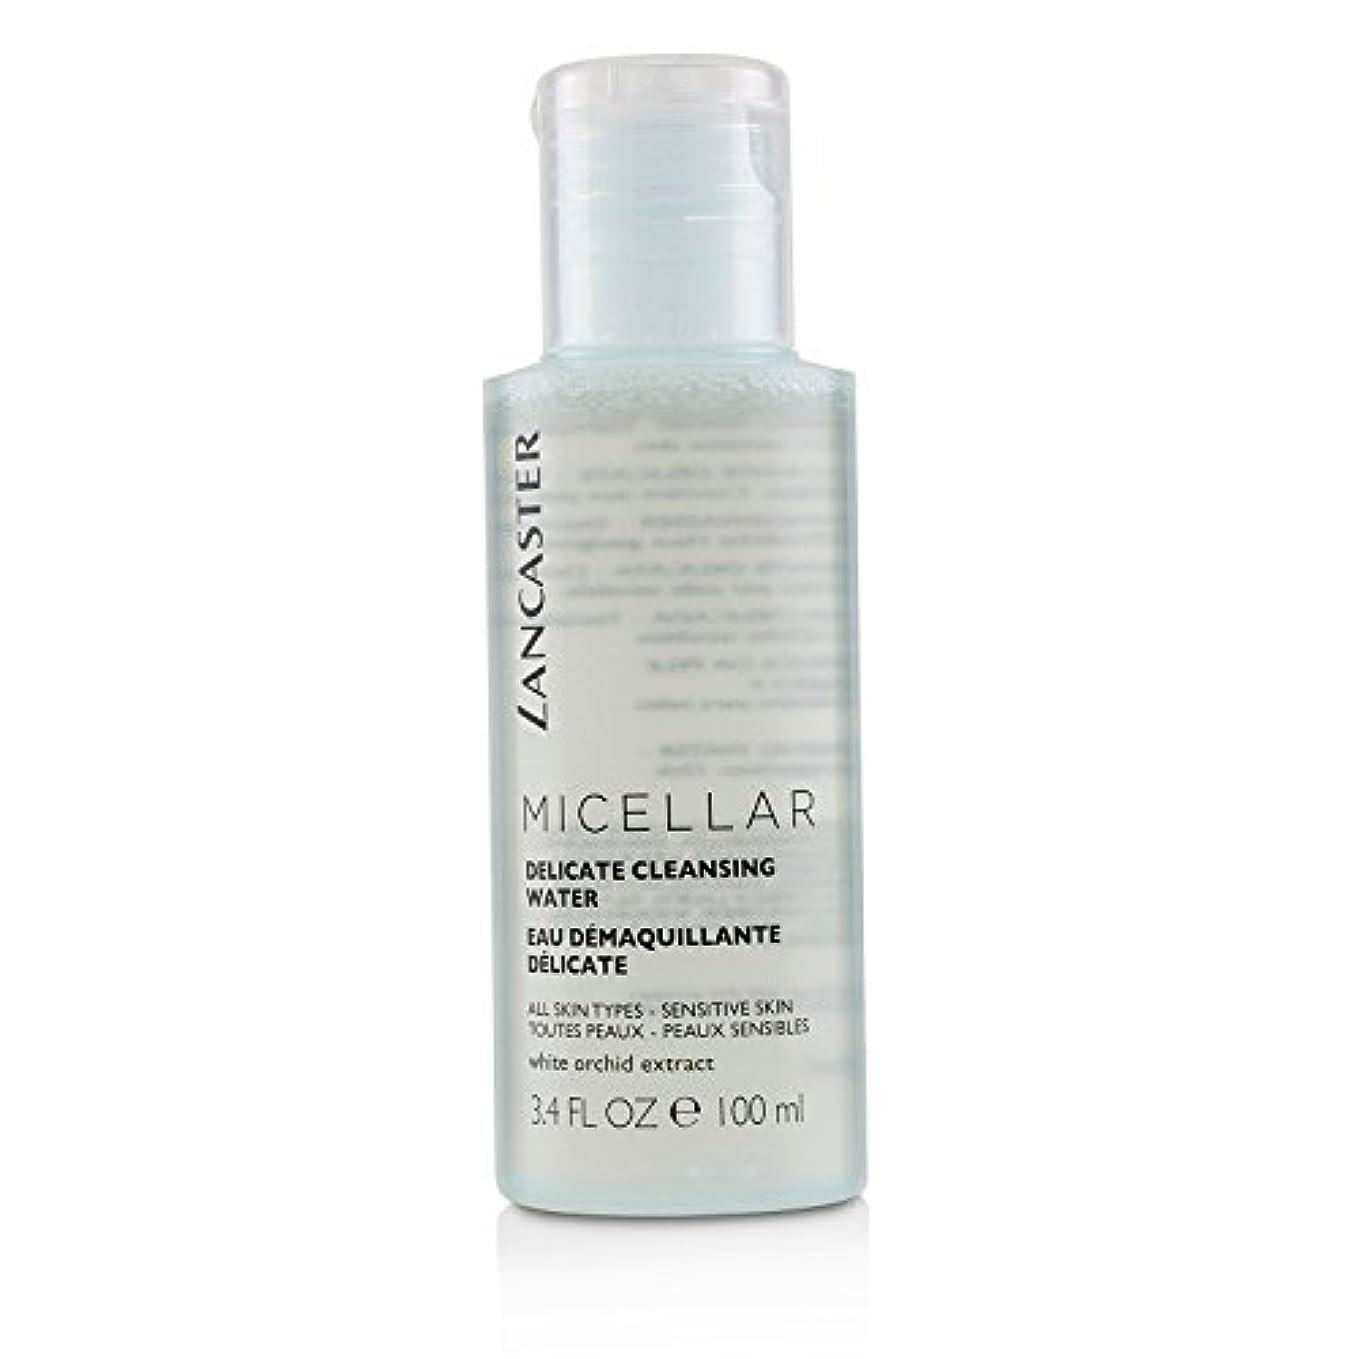 発行ハリウッドファイルランカスター Micellar Delicate Cleansing Water - All Skin Types, Including Sensitive Skin 100ml/3.4oz並行輸入品